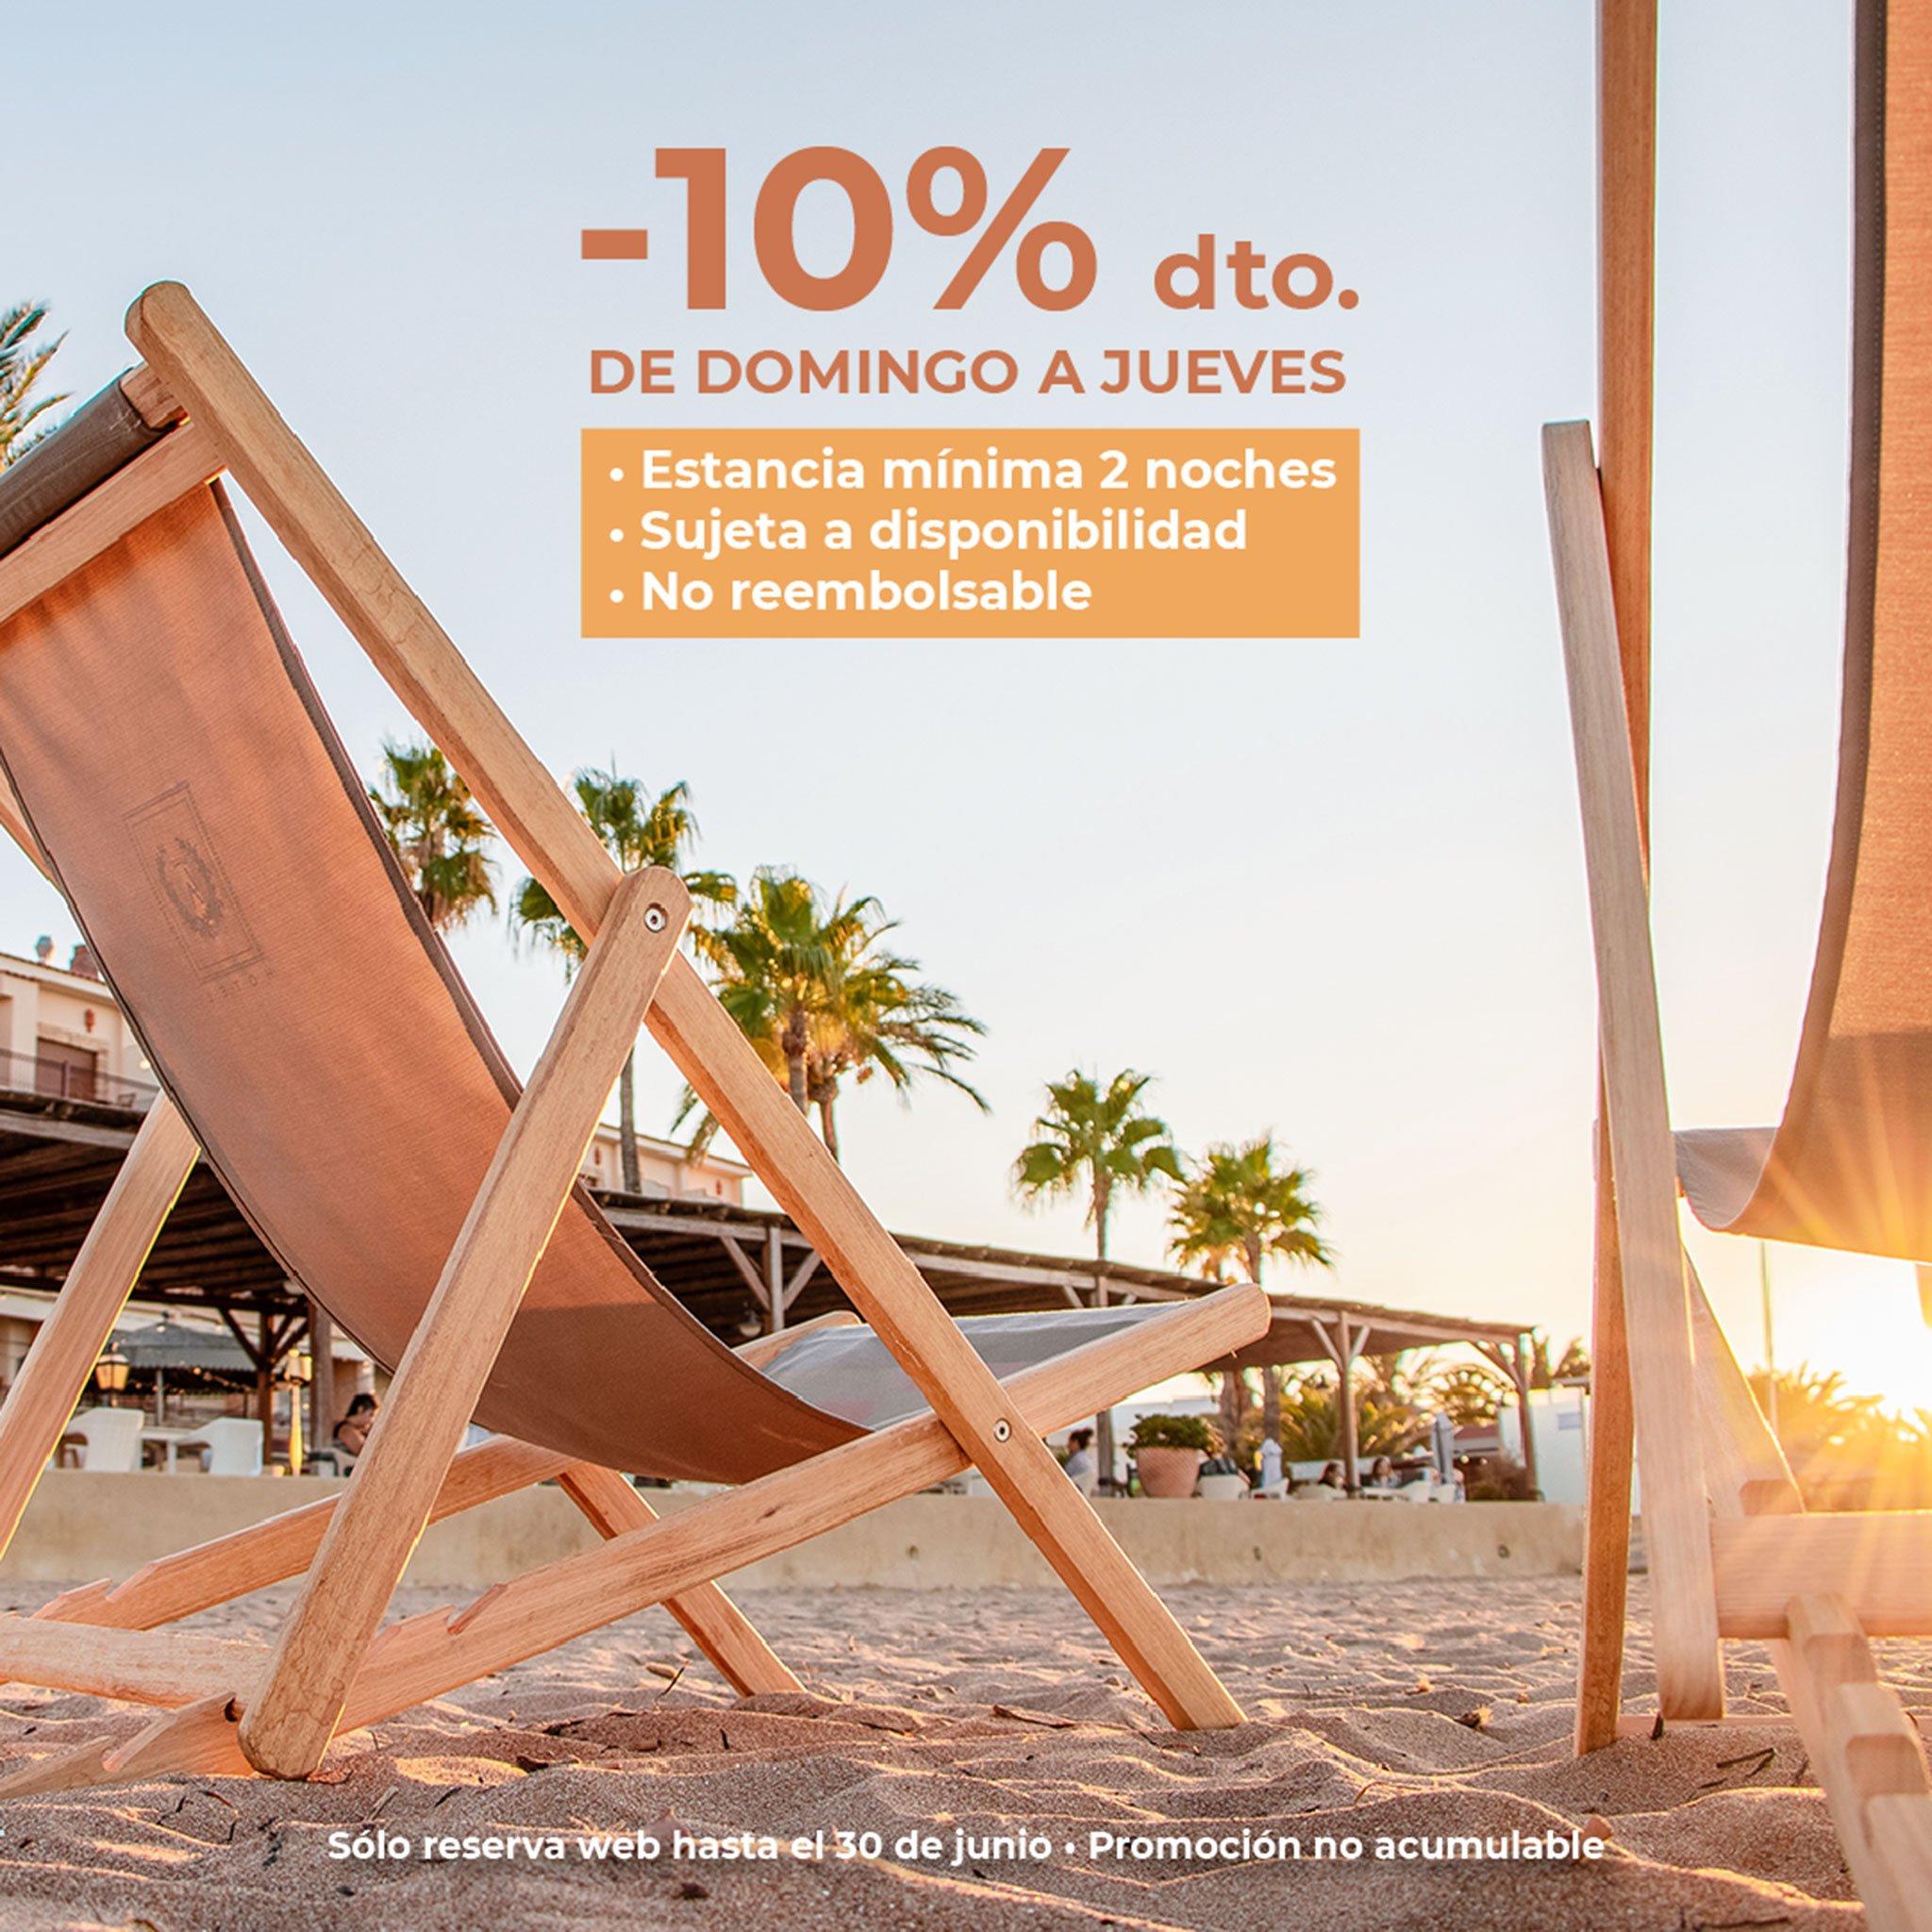 Oferta de descuento del 10% en web – Hotel Los Ángeles